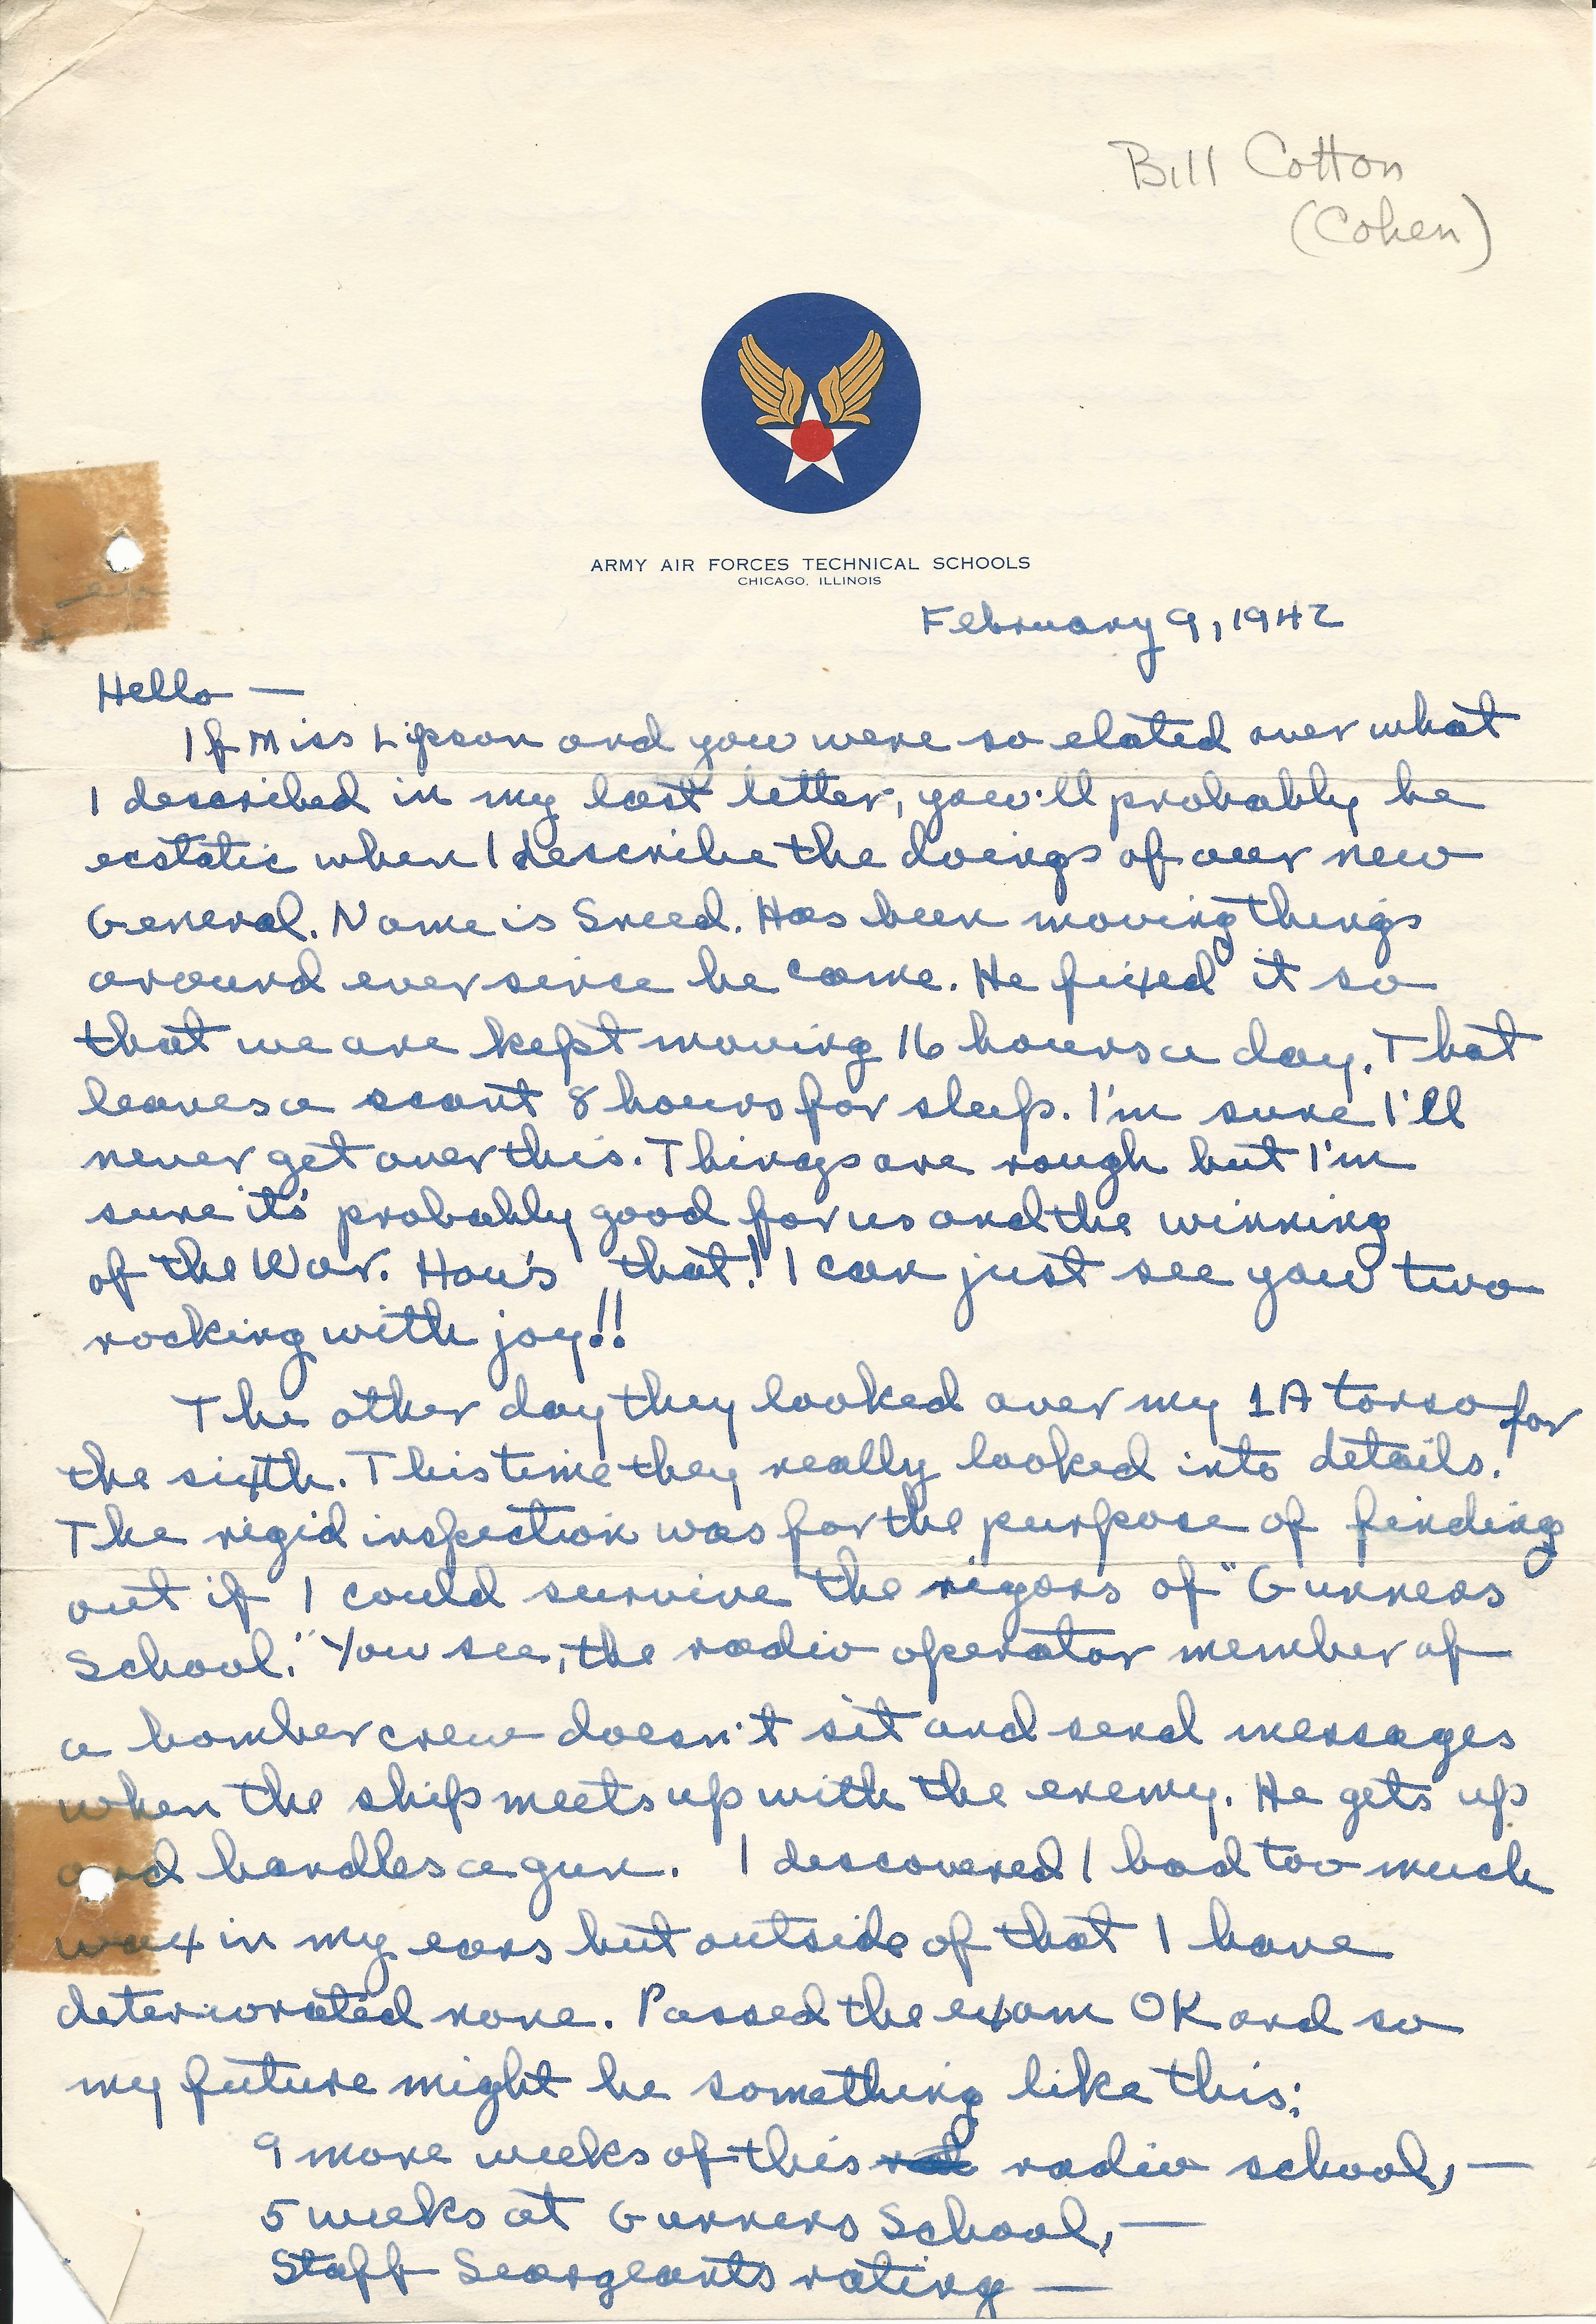 William Cotton February 9 1942